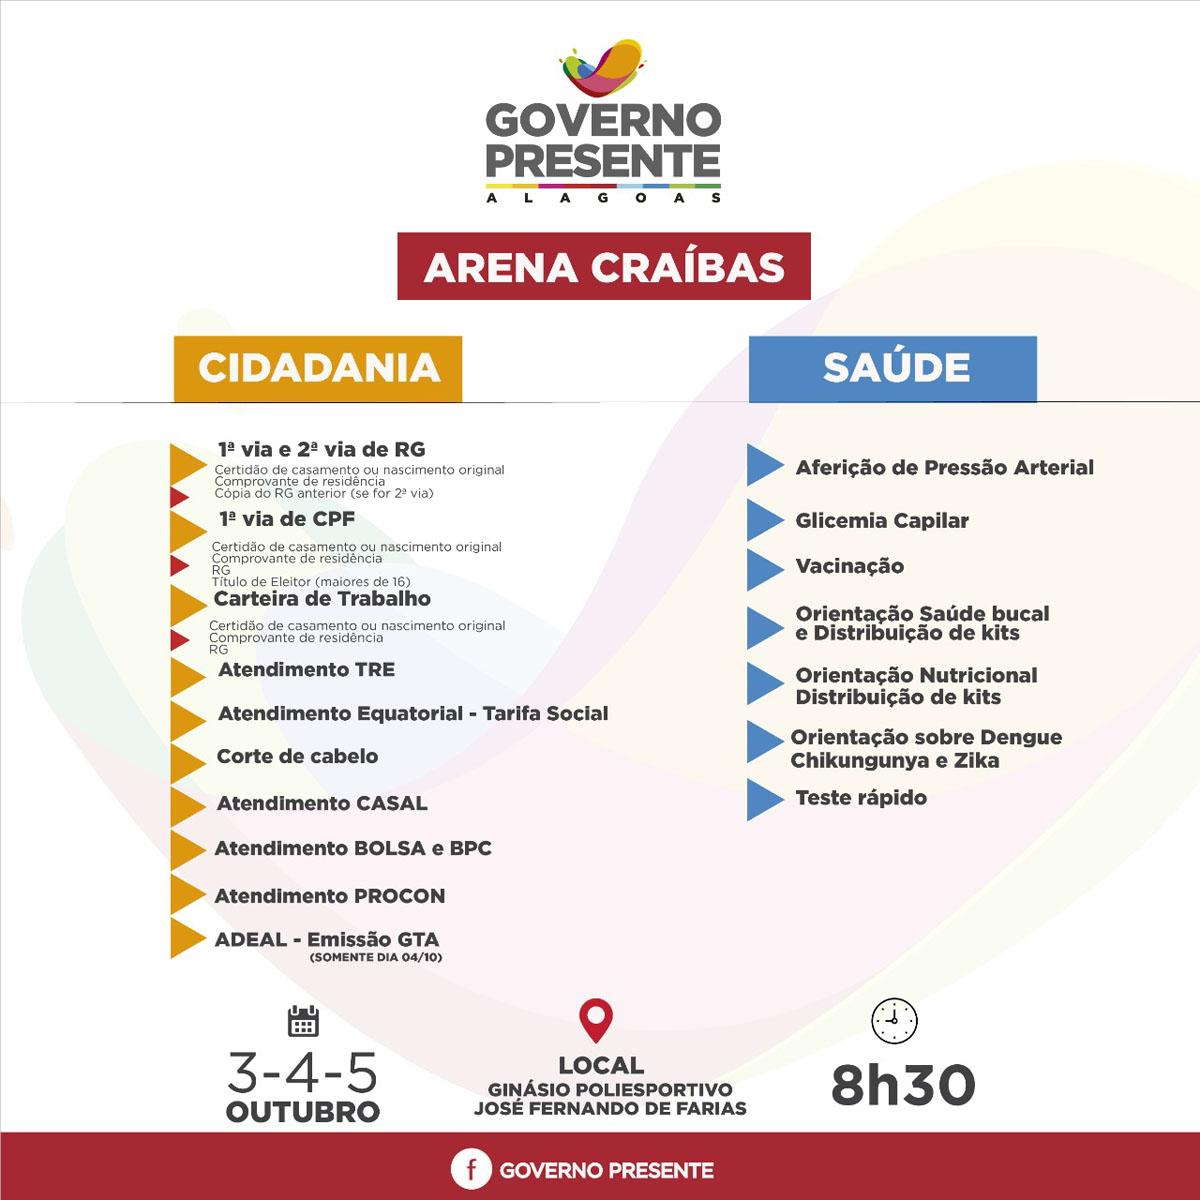 10ª edição do Governo Presente terá início nesta quinta-feira (Olival Santos Sesau)) e segue até o dia 5 de outubro com ações de cidadania, saúde e lazer (